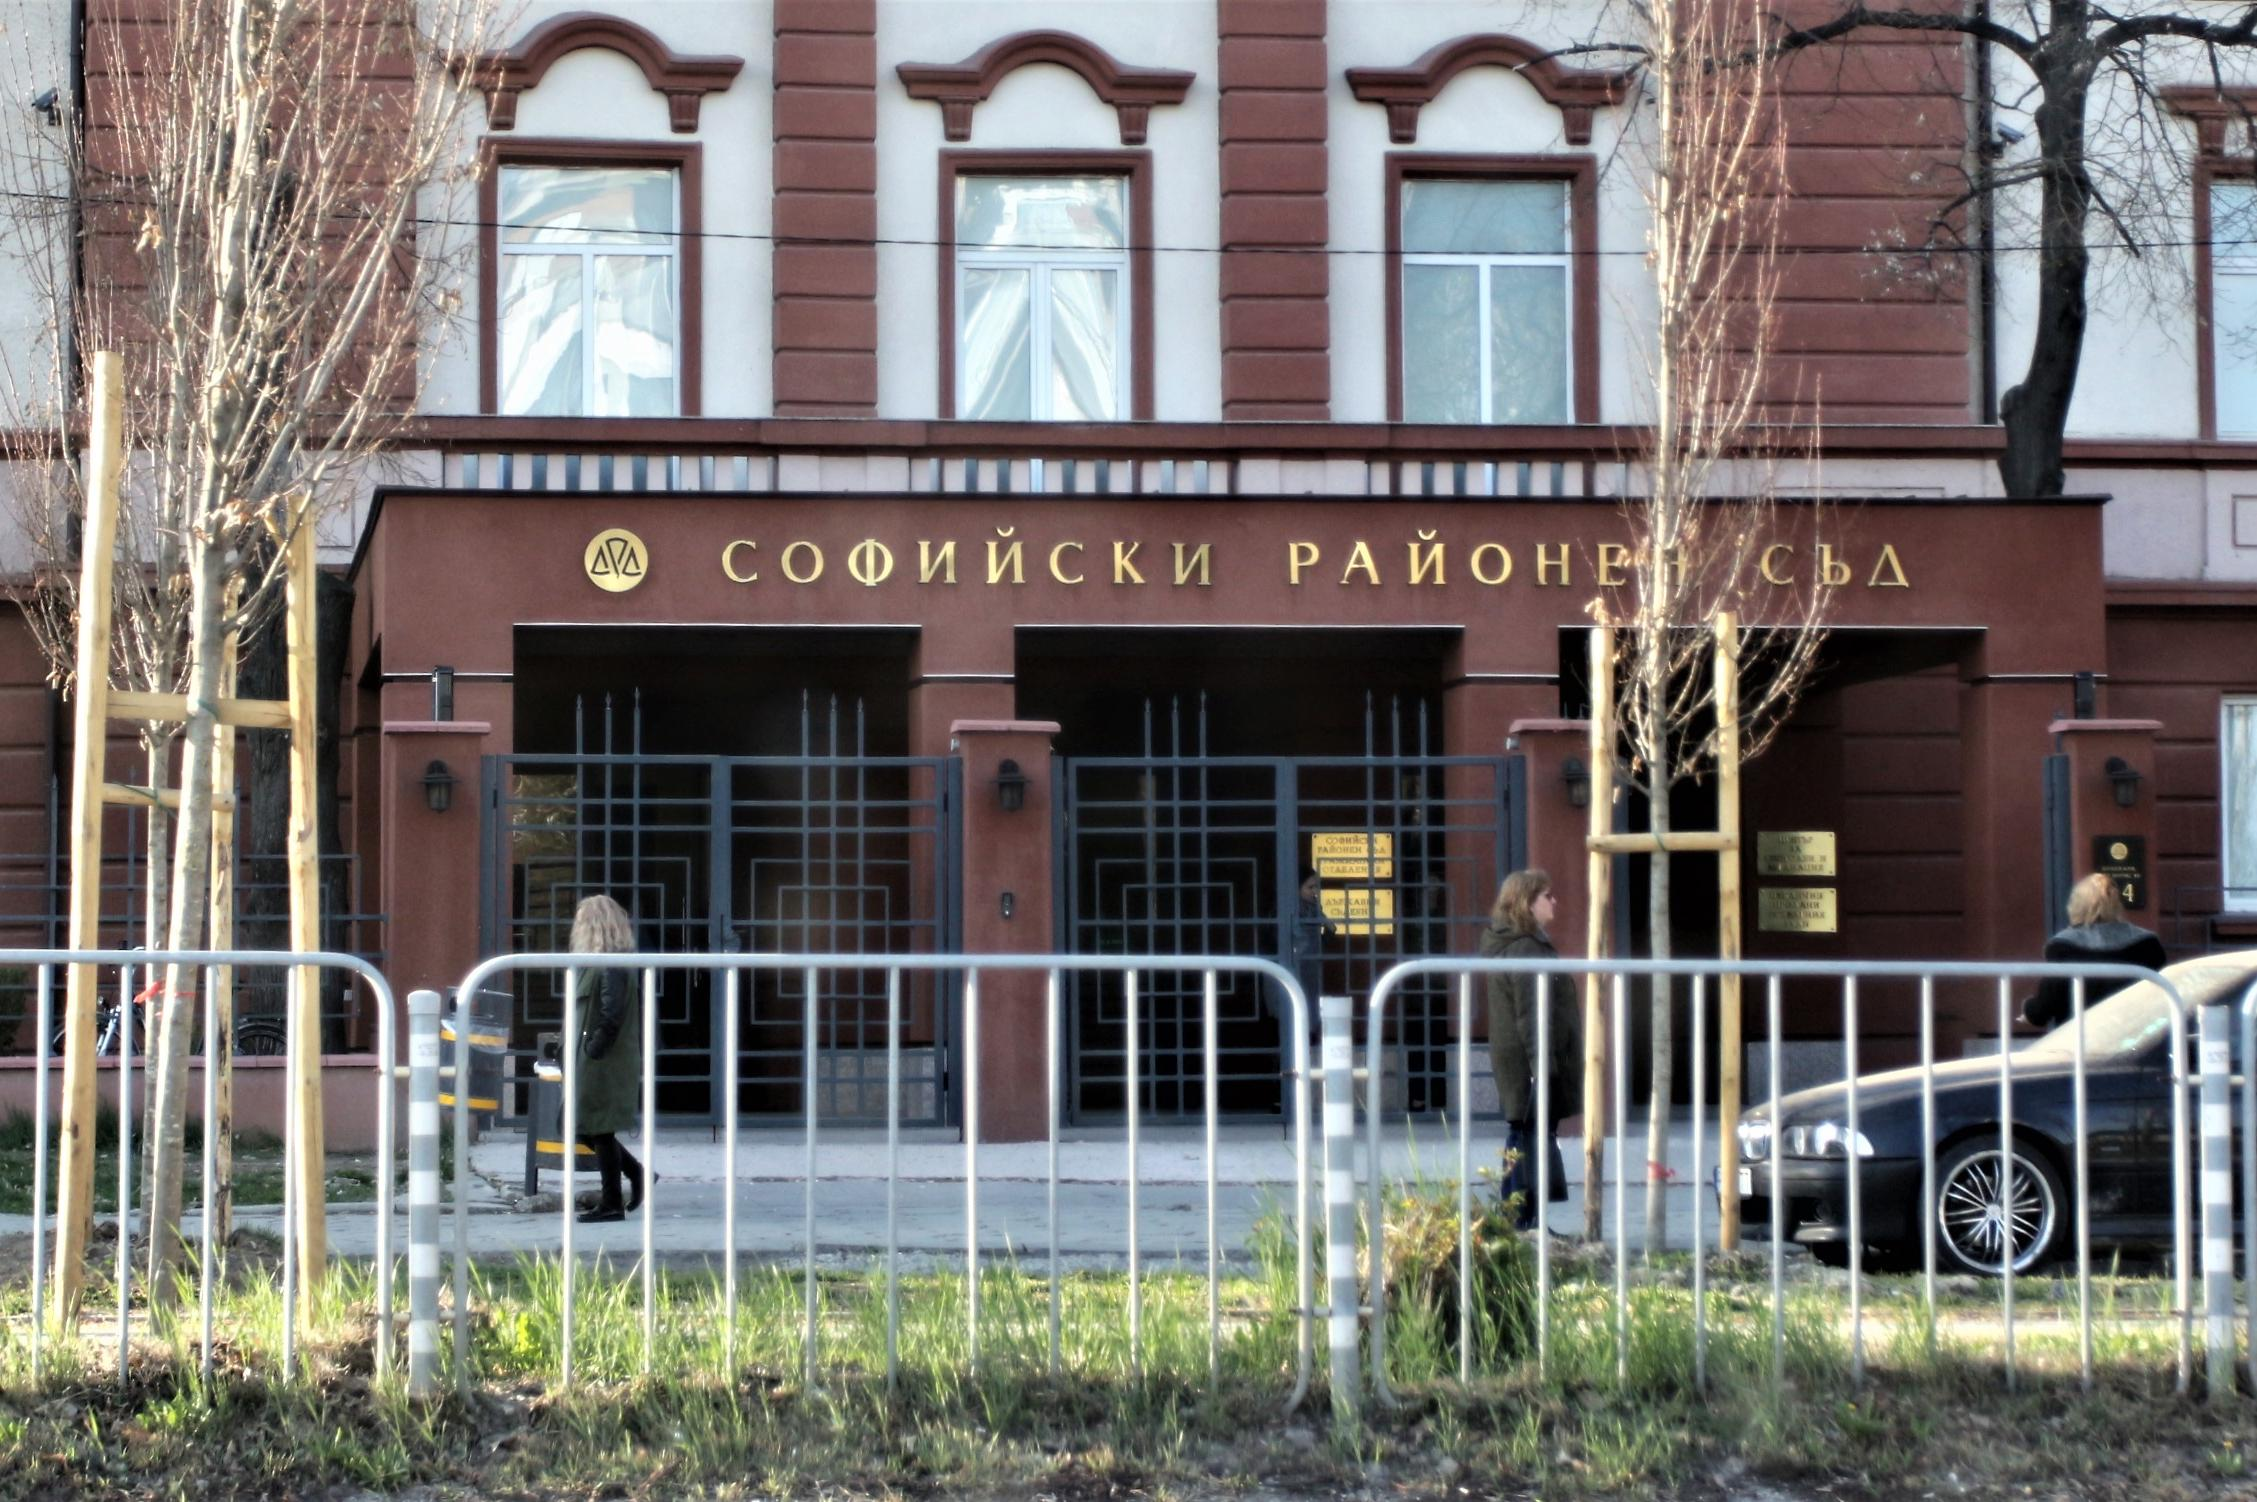 Служител от Софийски районен съд с положителна проба за COVID-19